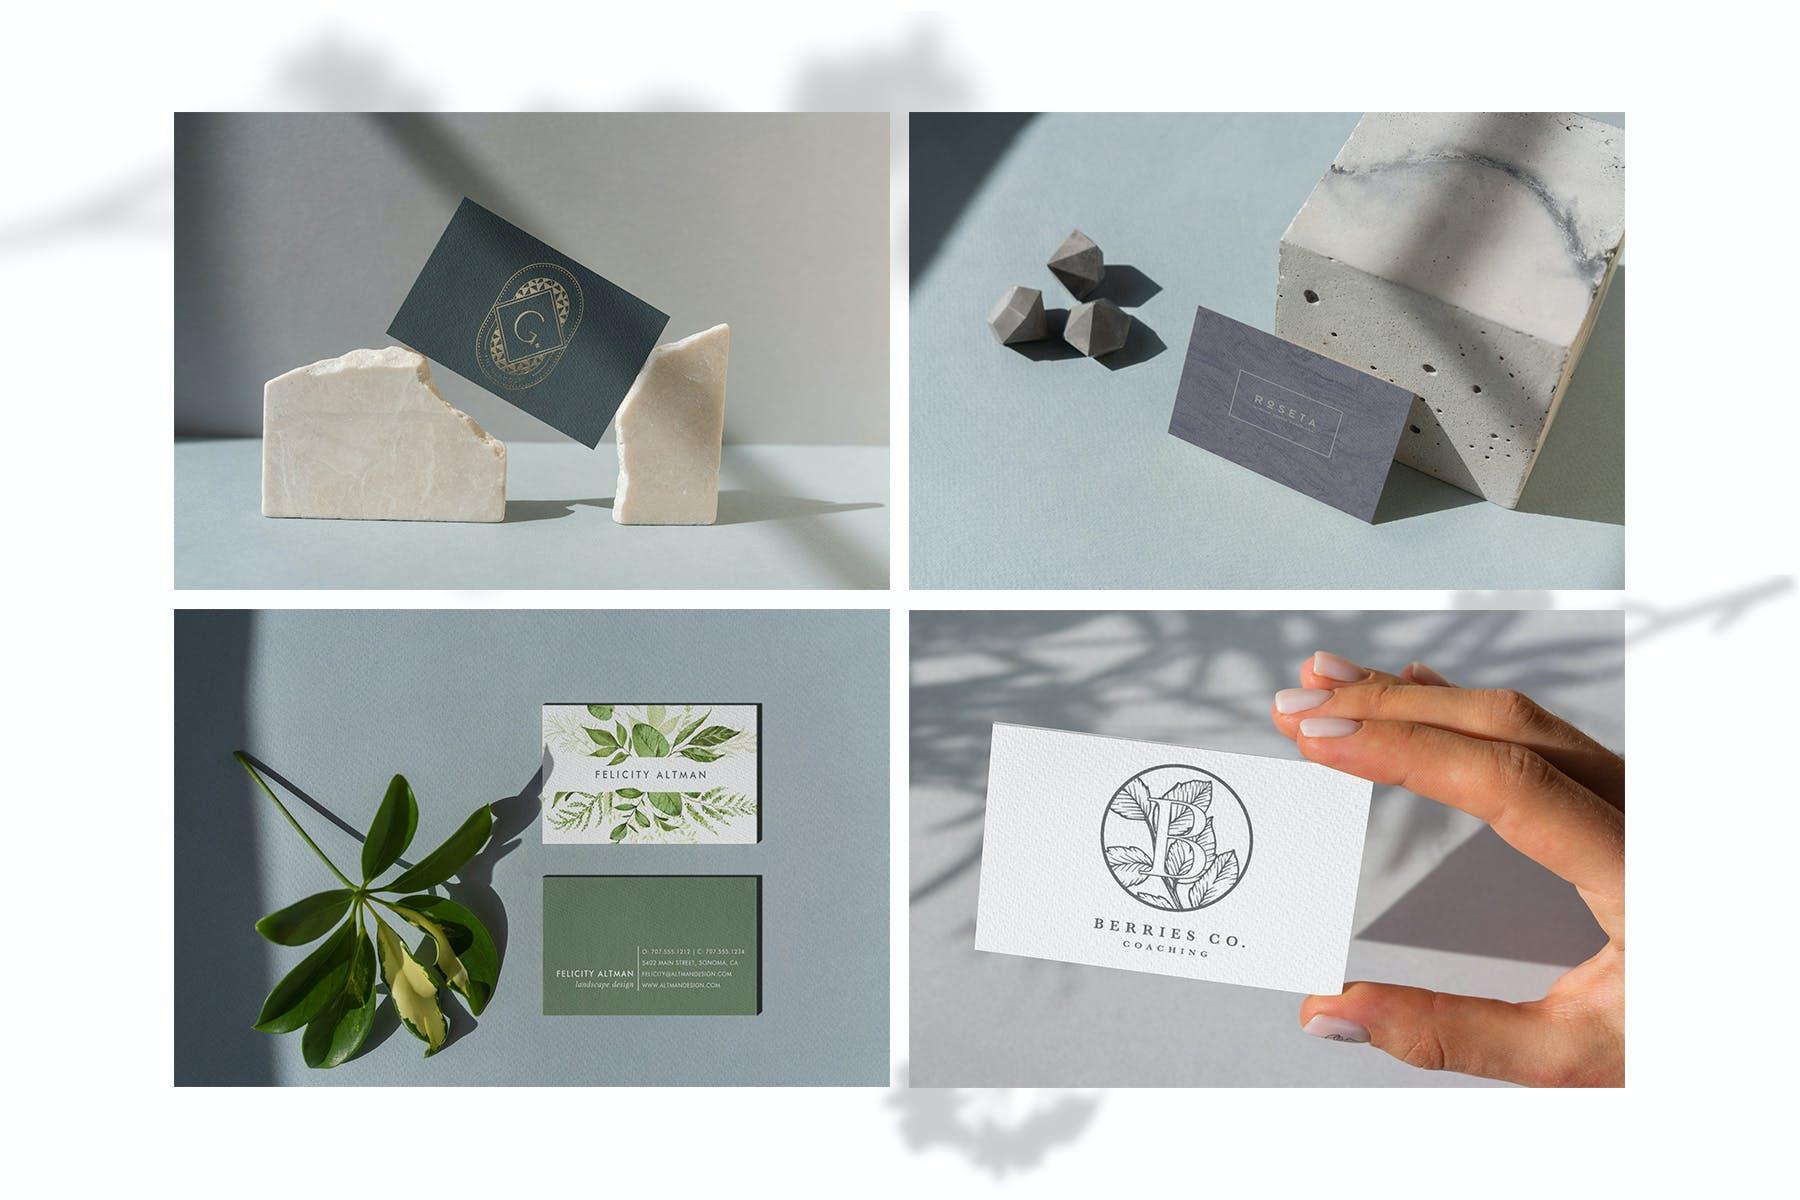 13款商务个人名片样机模板 Business Card Shadows Collection插图(4)